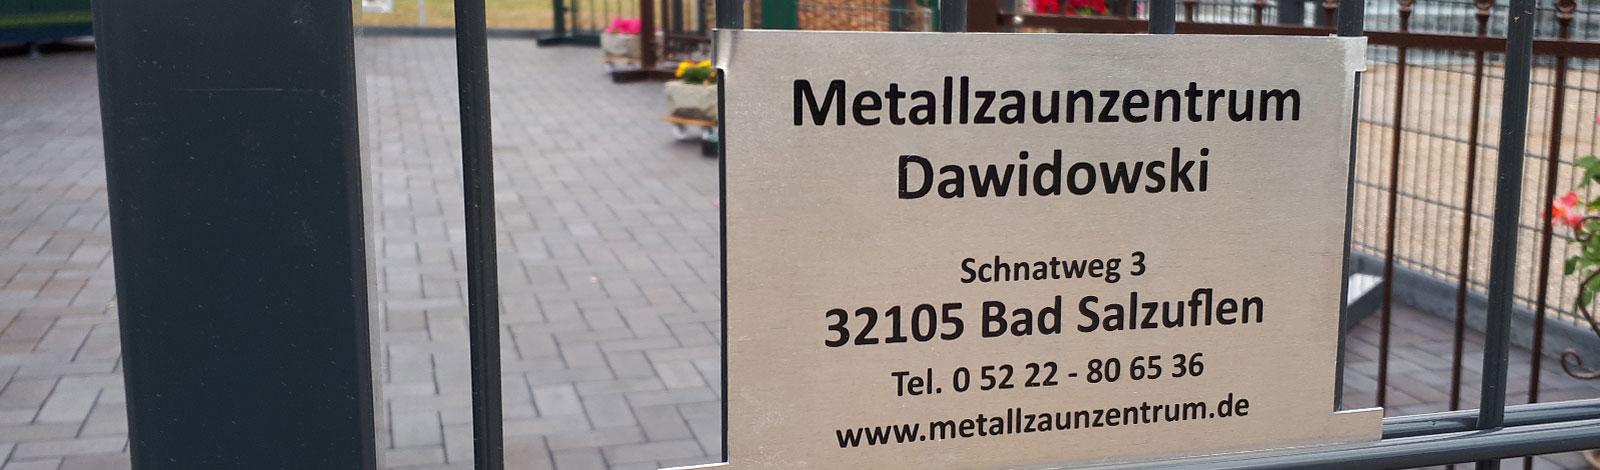 metallzaunzentrum dawidowski produkt ausstellung zaeune gabionen doppelstabmatten schmiedeeiserne zaeune tore